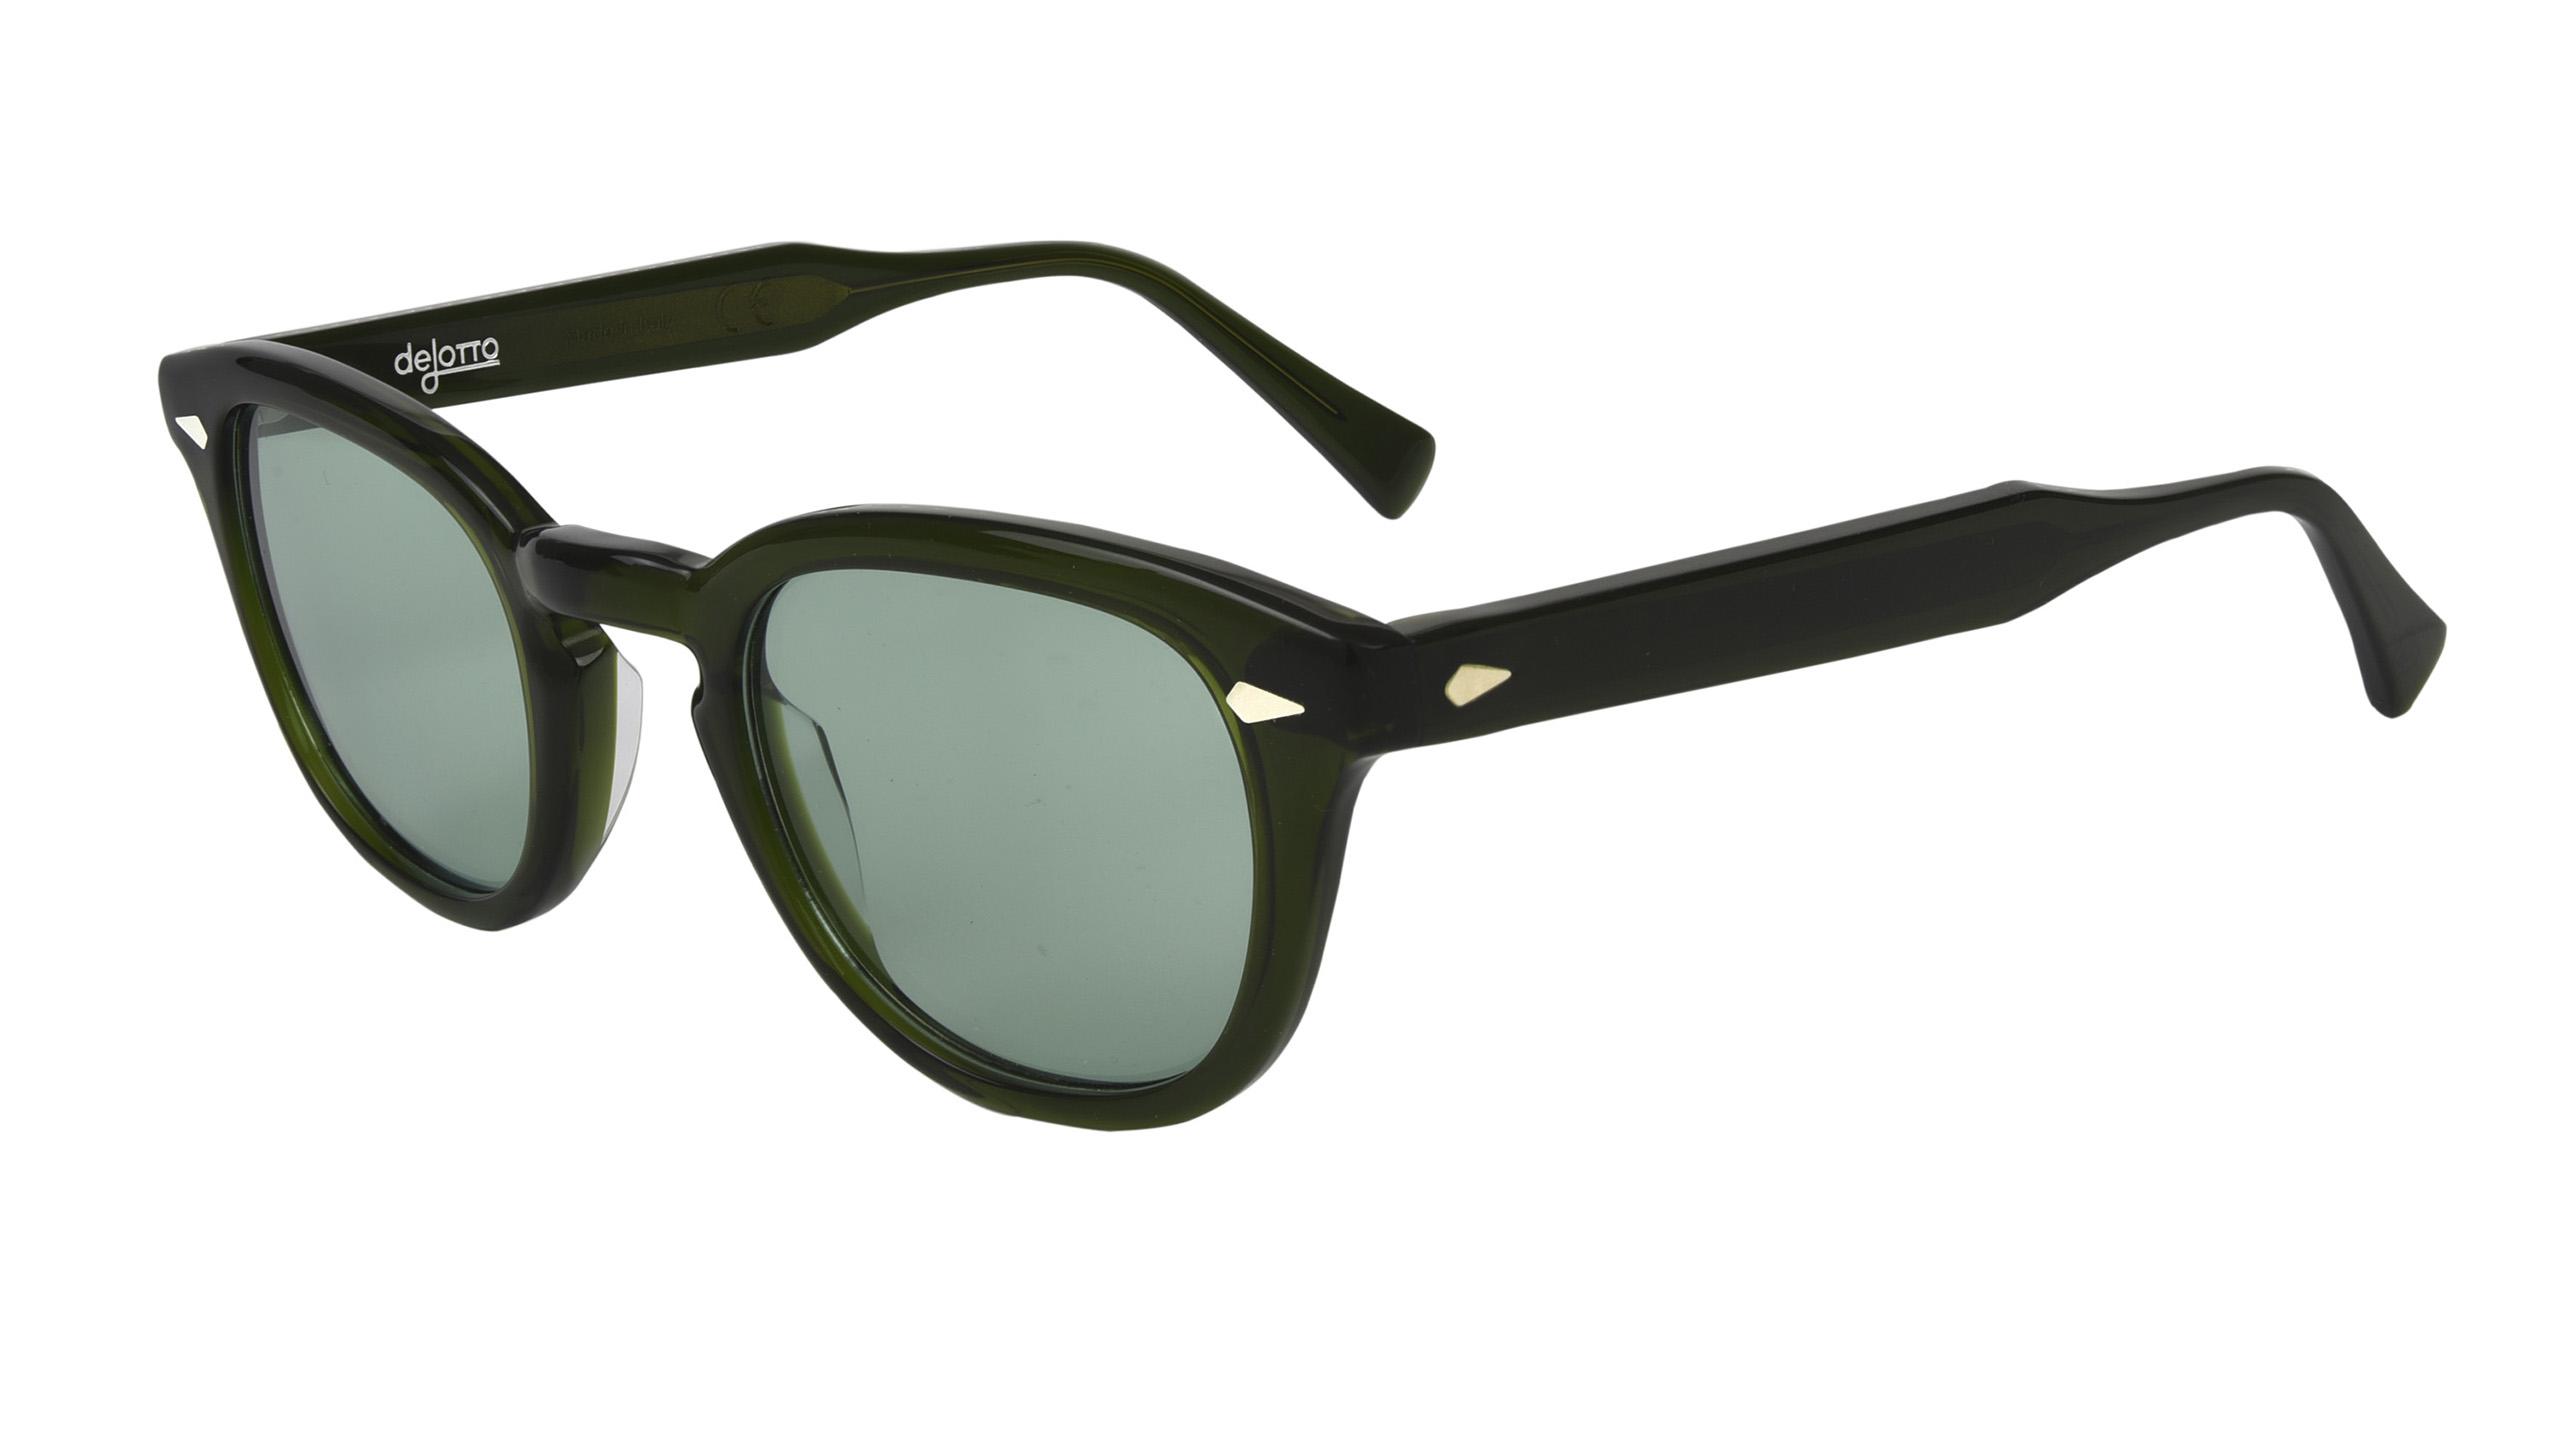 DL 11S c.8005 – Moss green